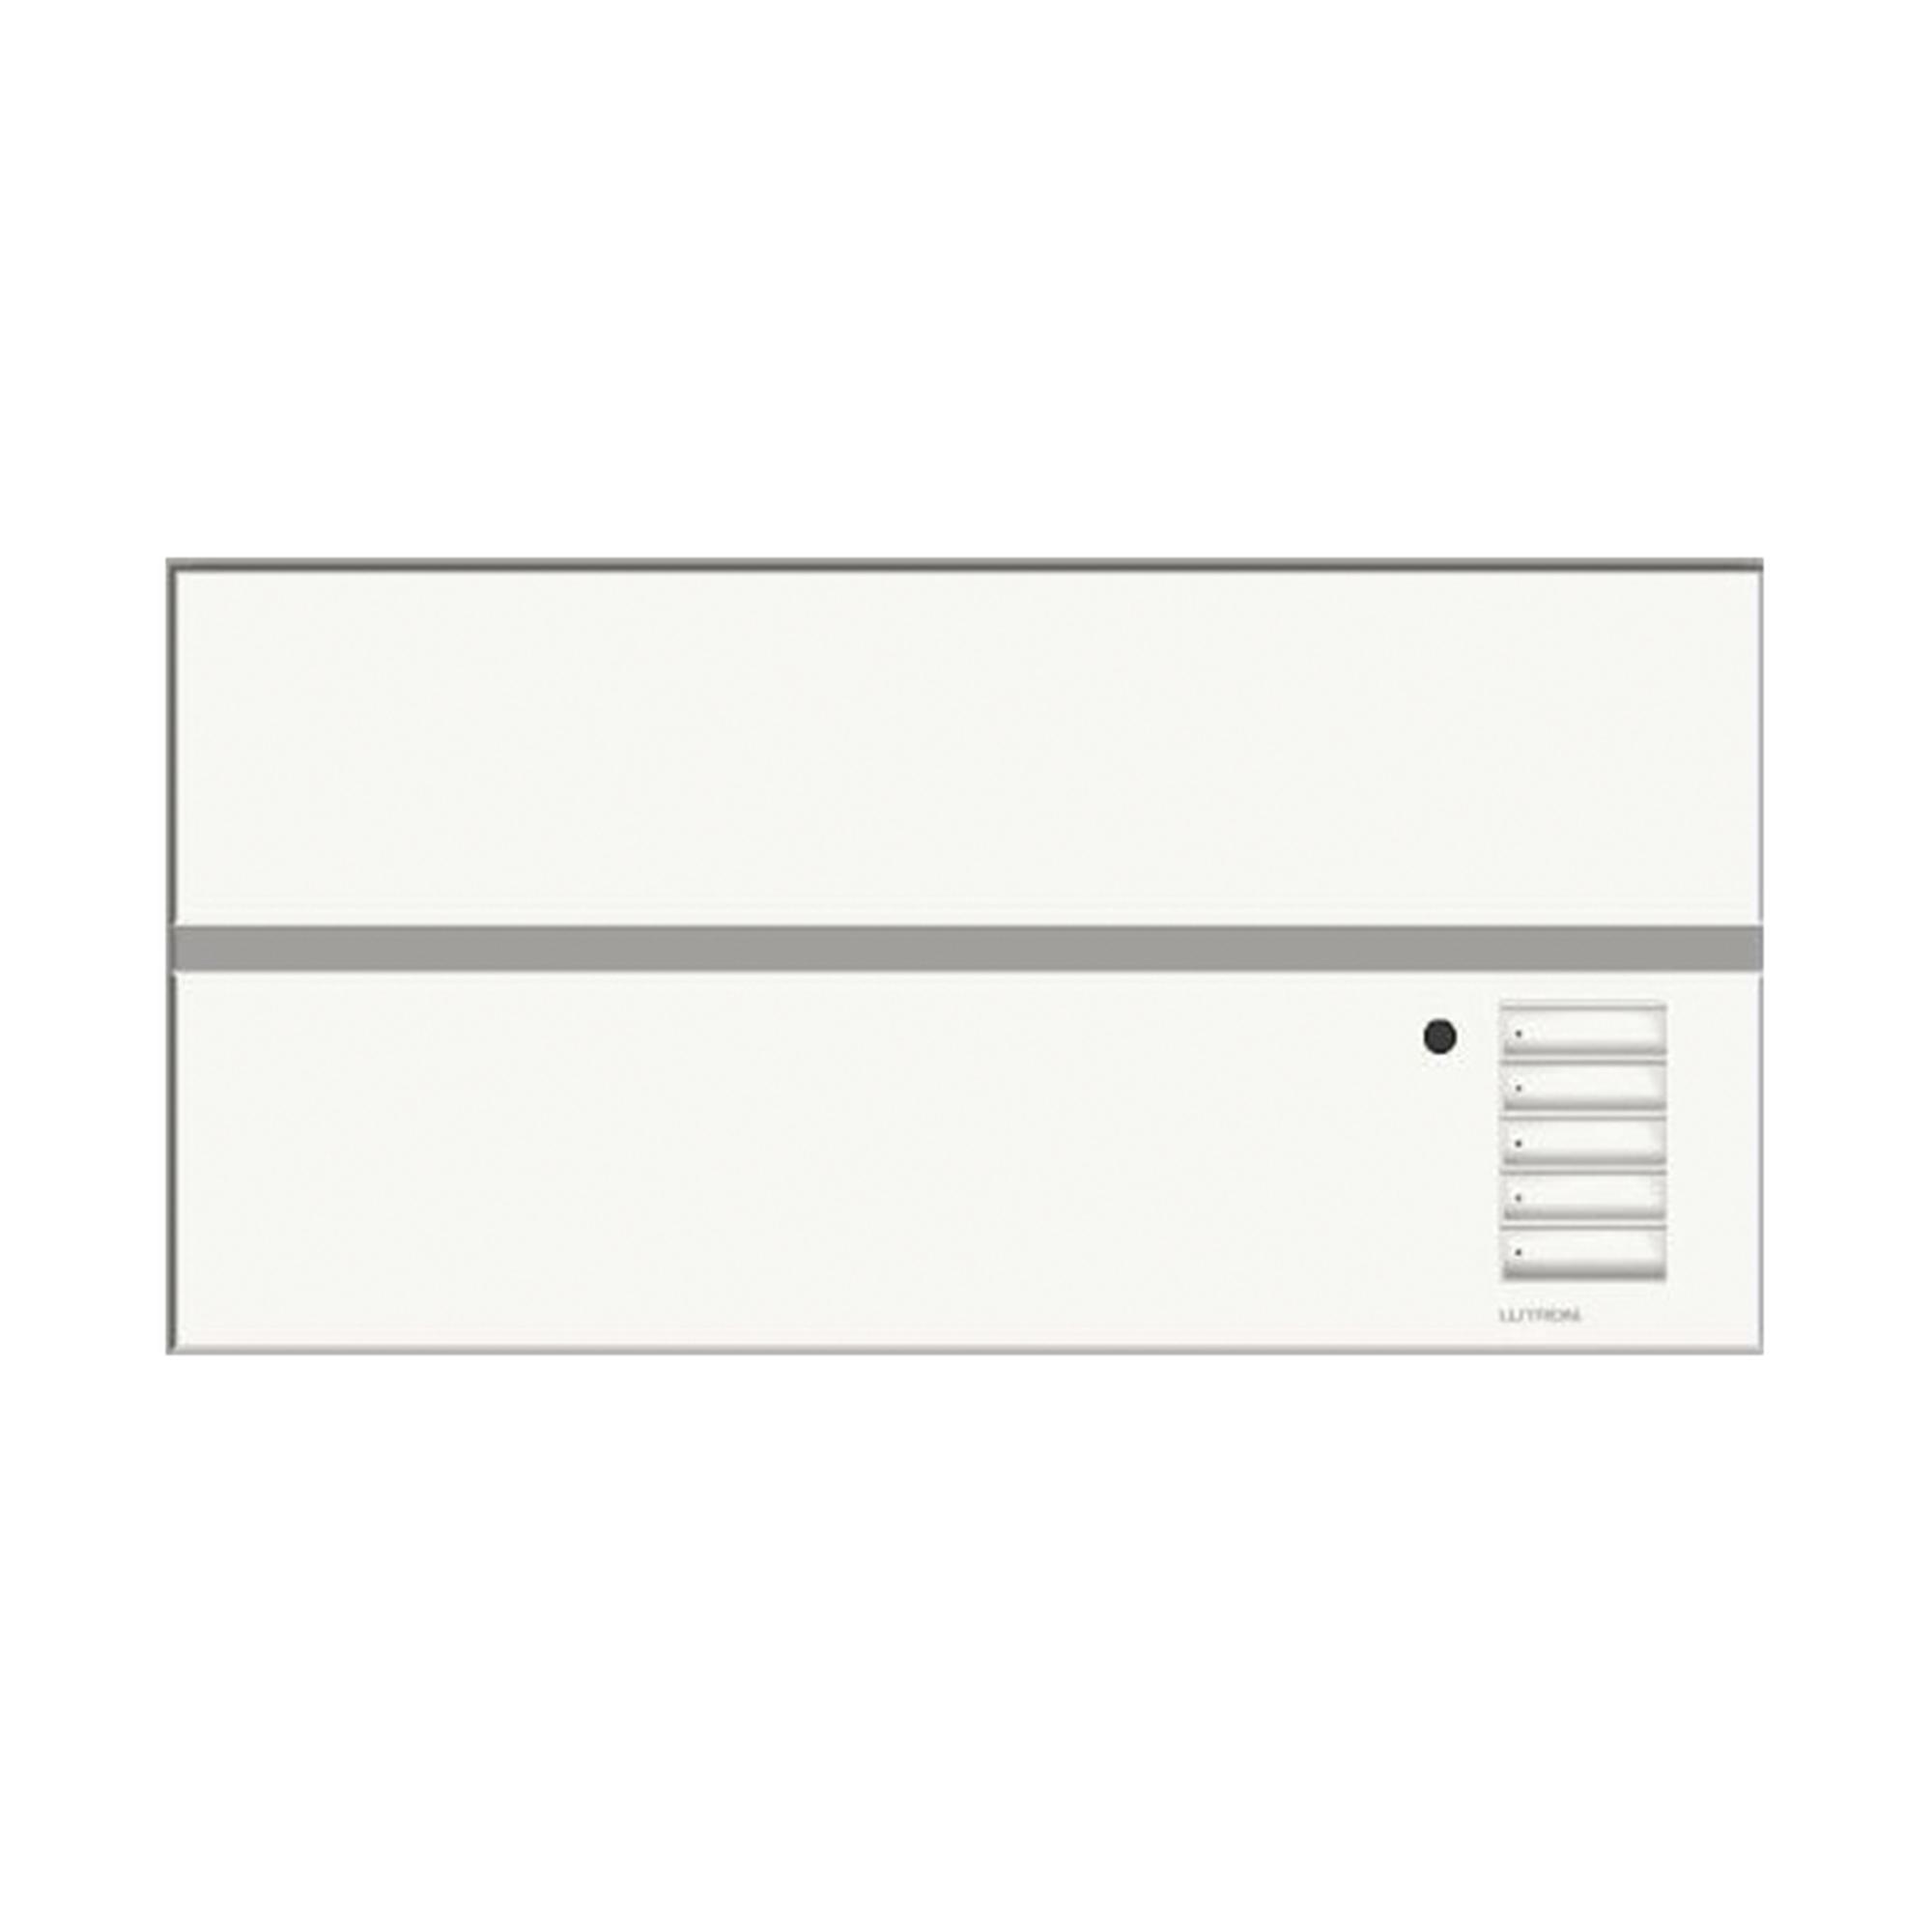 Grafik Eye Qs Unidad de control para 6 zonas. control de múltiples grupos de luminarias o cortinas. Integrelo con un RRMAIN o independiente.